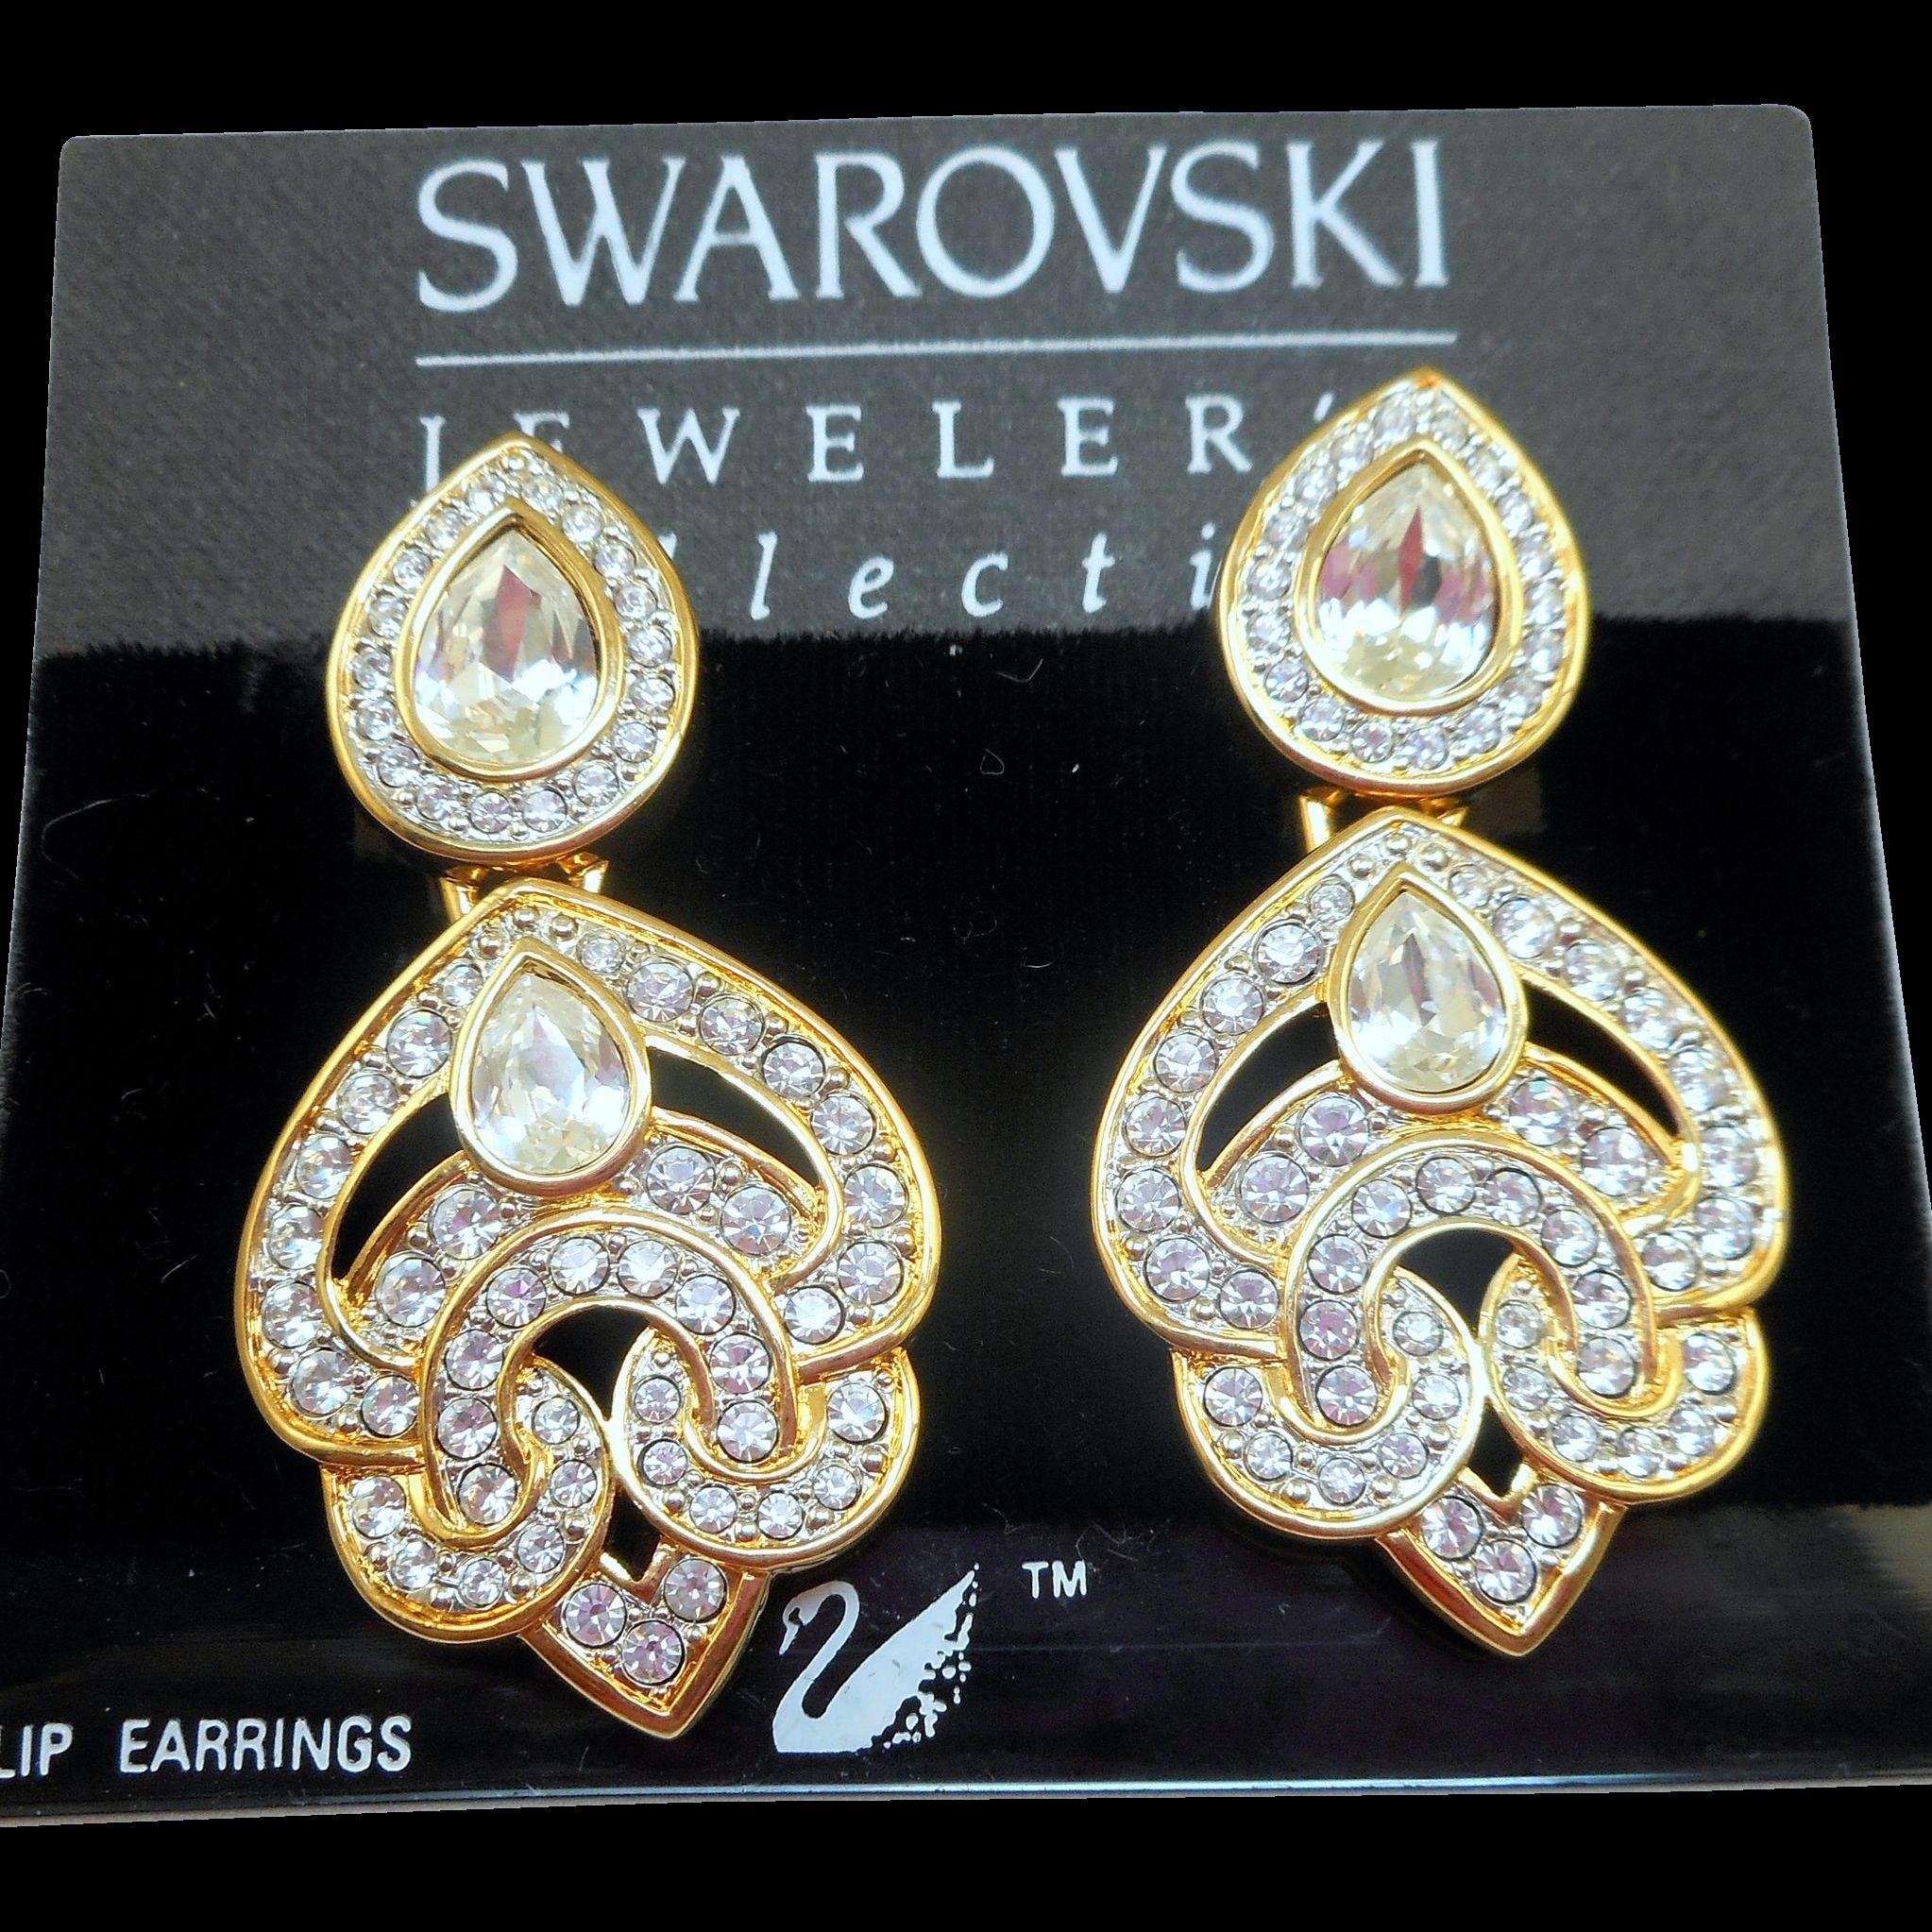 Swarovski Runway Earrings - MOC